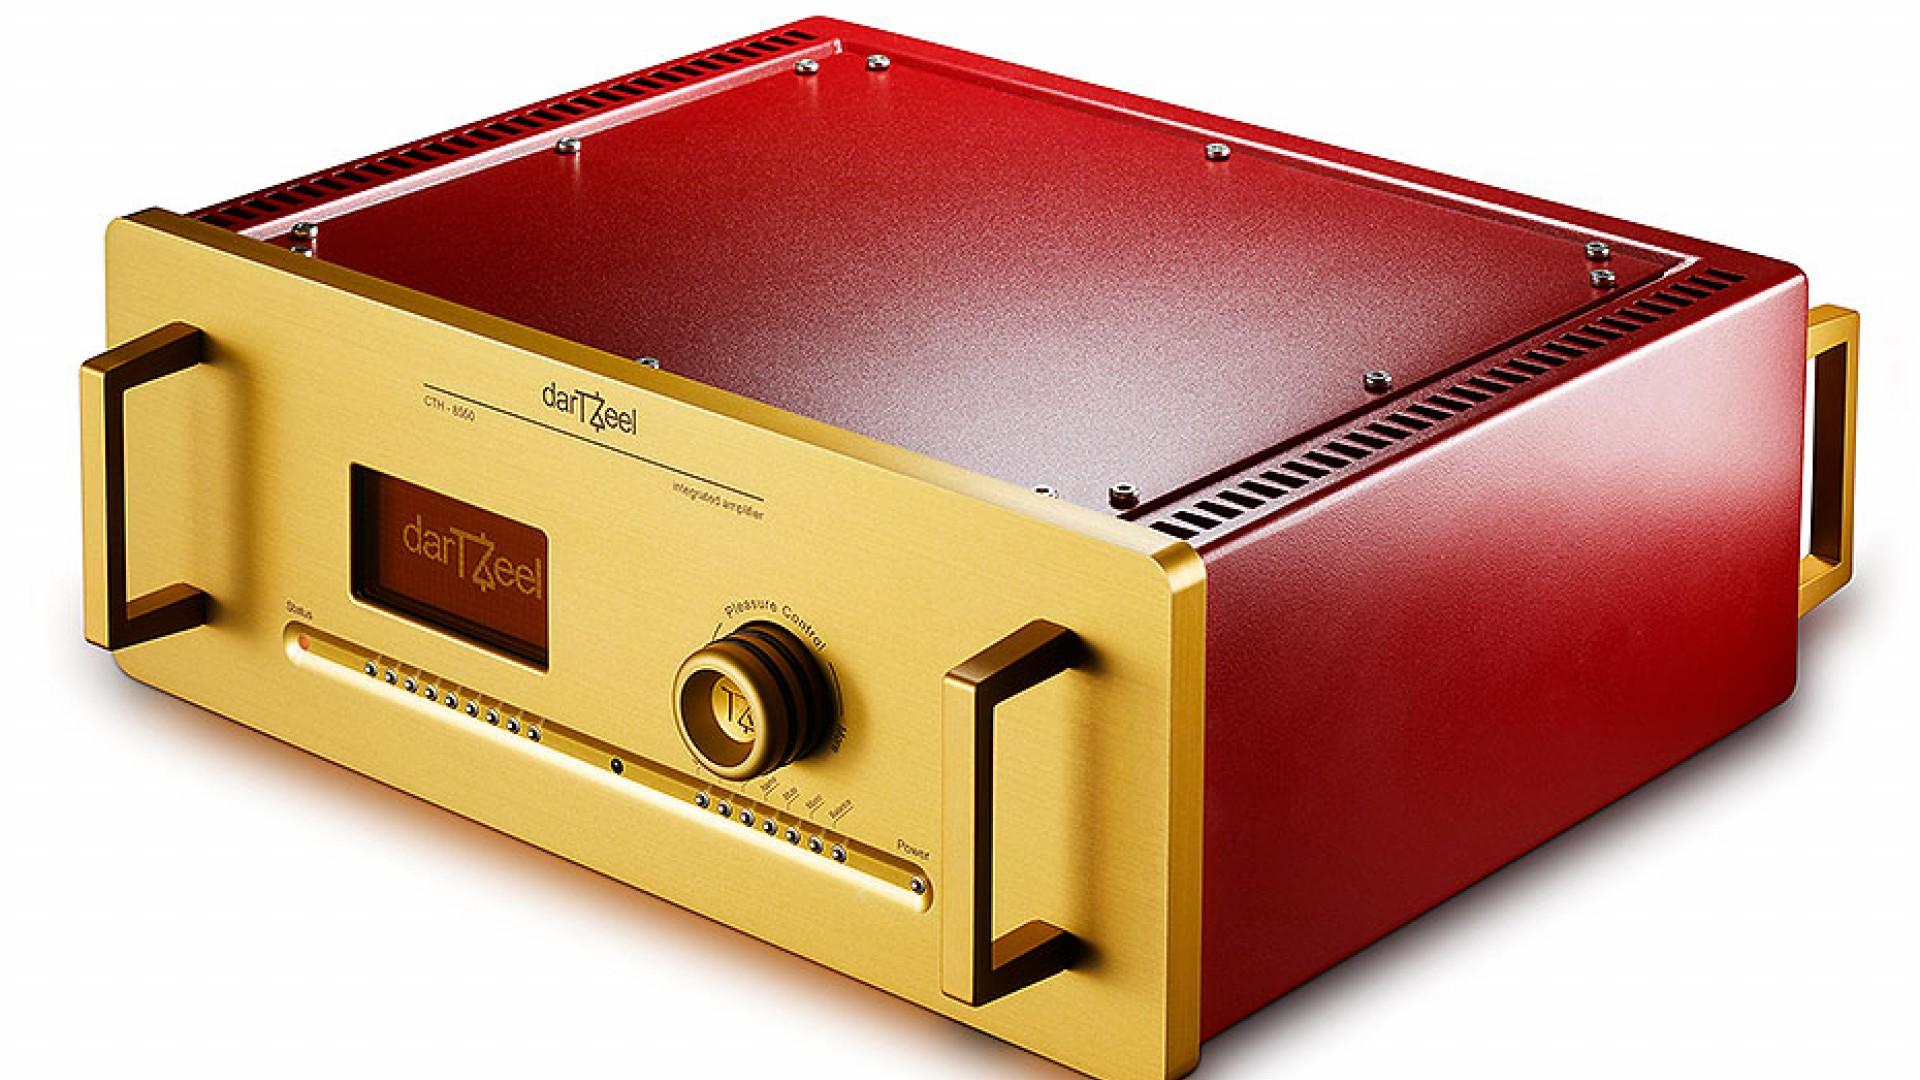 DarTZeel CTH-8550, £17,500